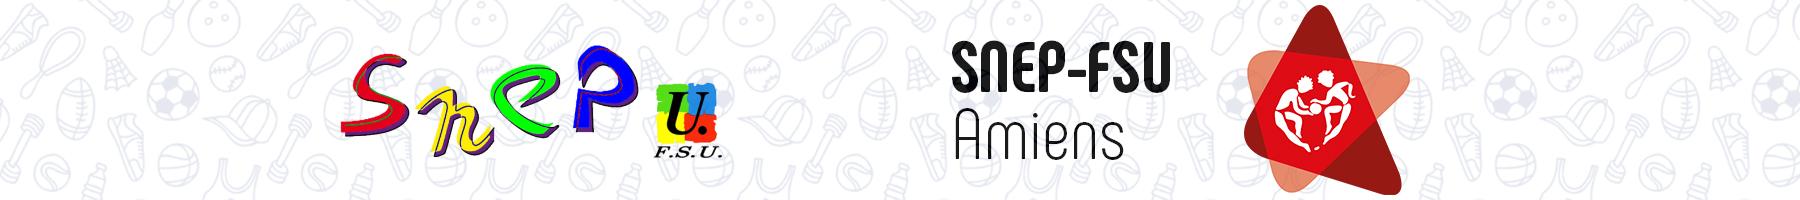 Le site du SNEP-FSU Amiens